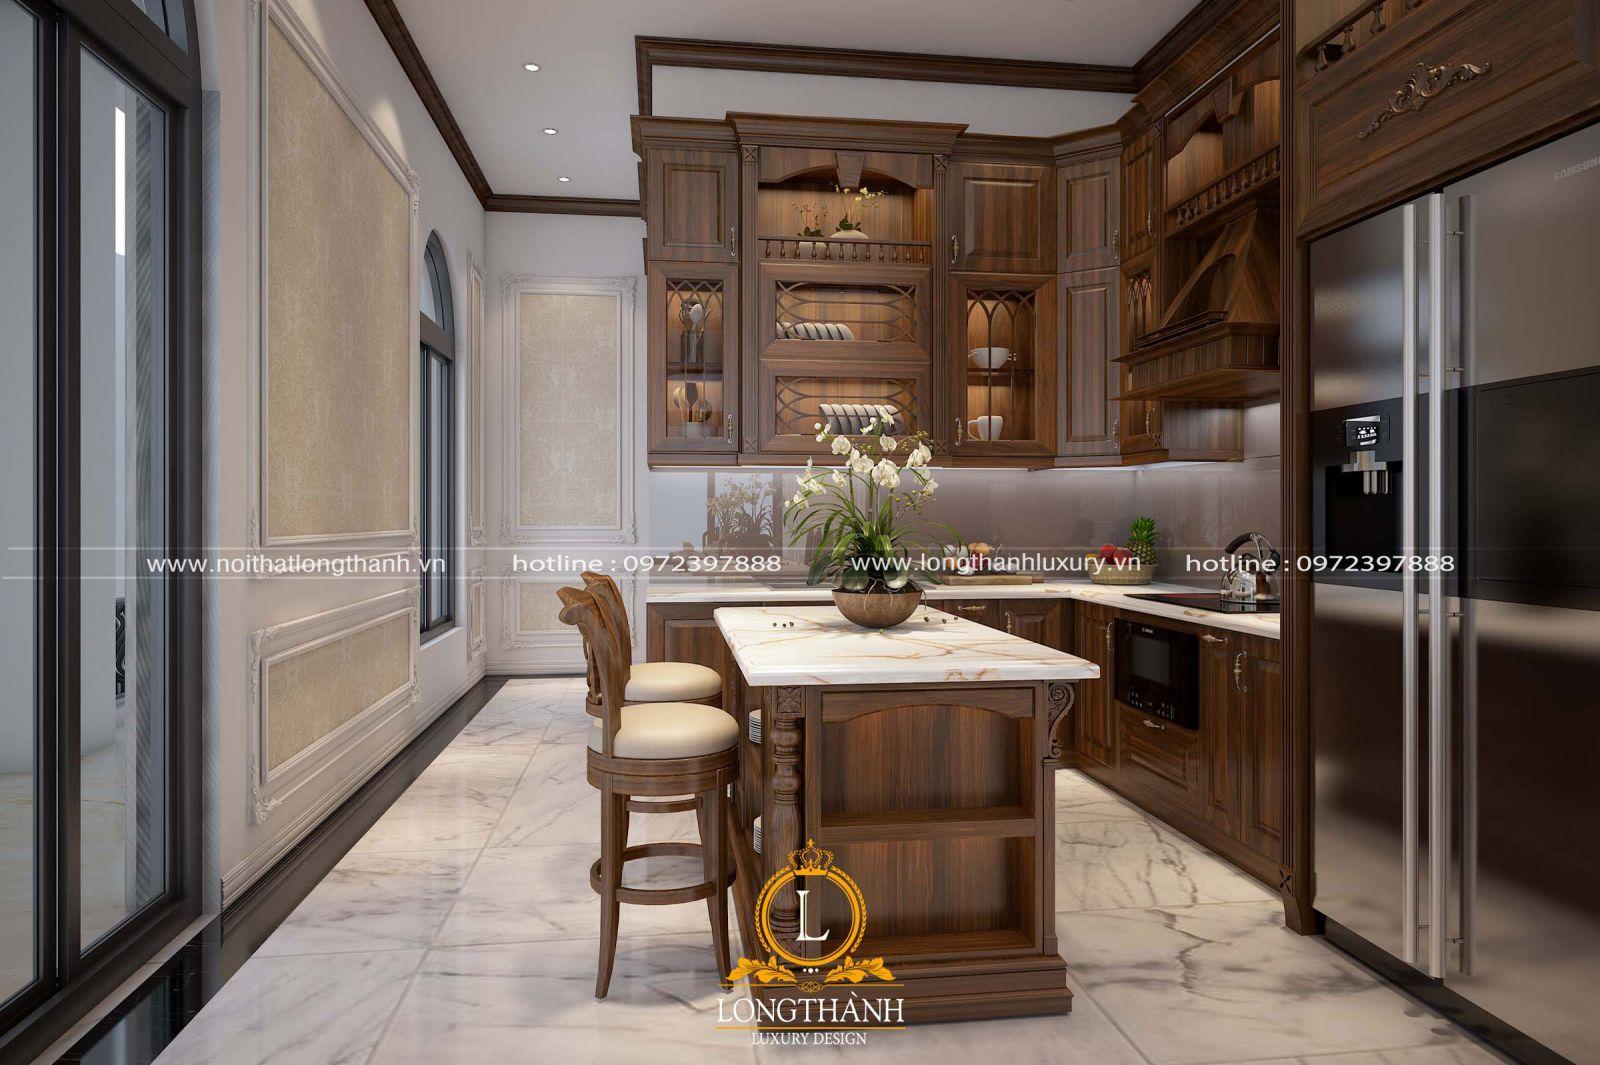 Thiết kế tủ bếp cho không gian nhà phố phong cách tâ cổ điển